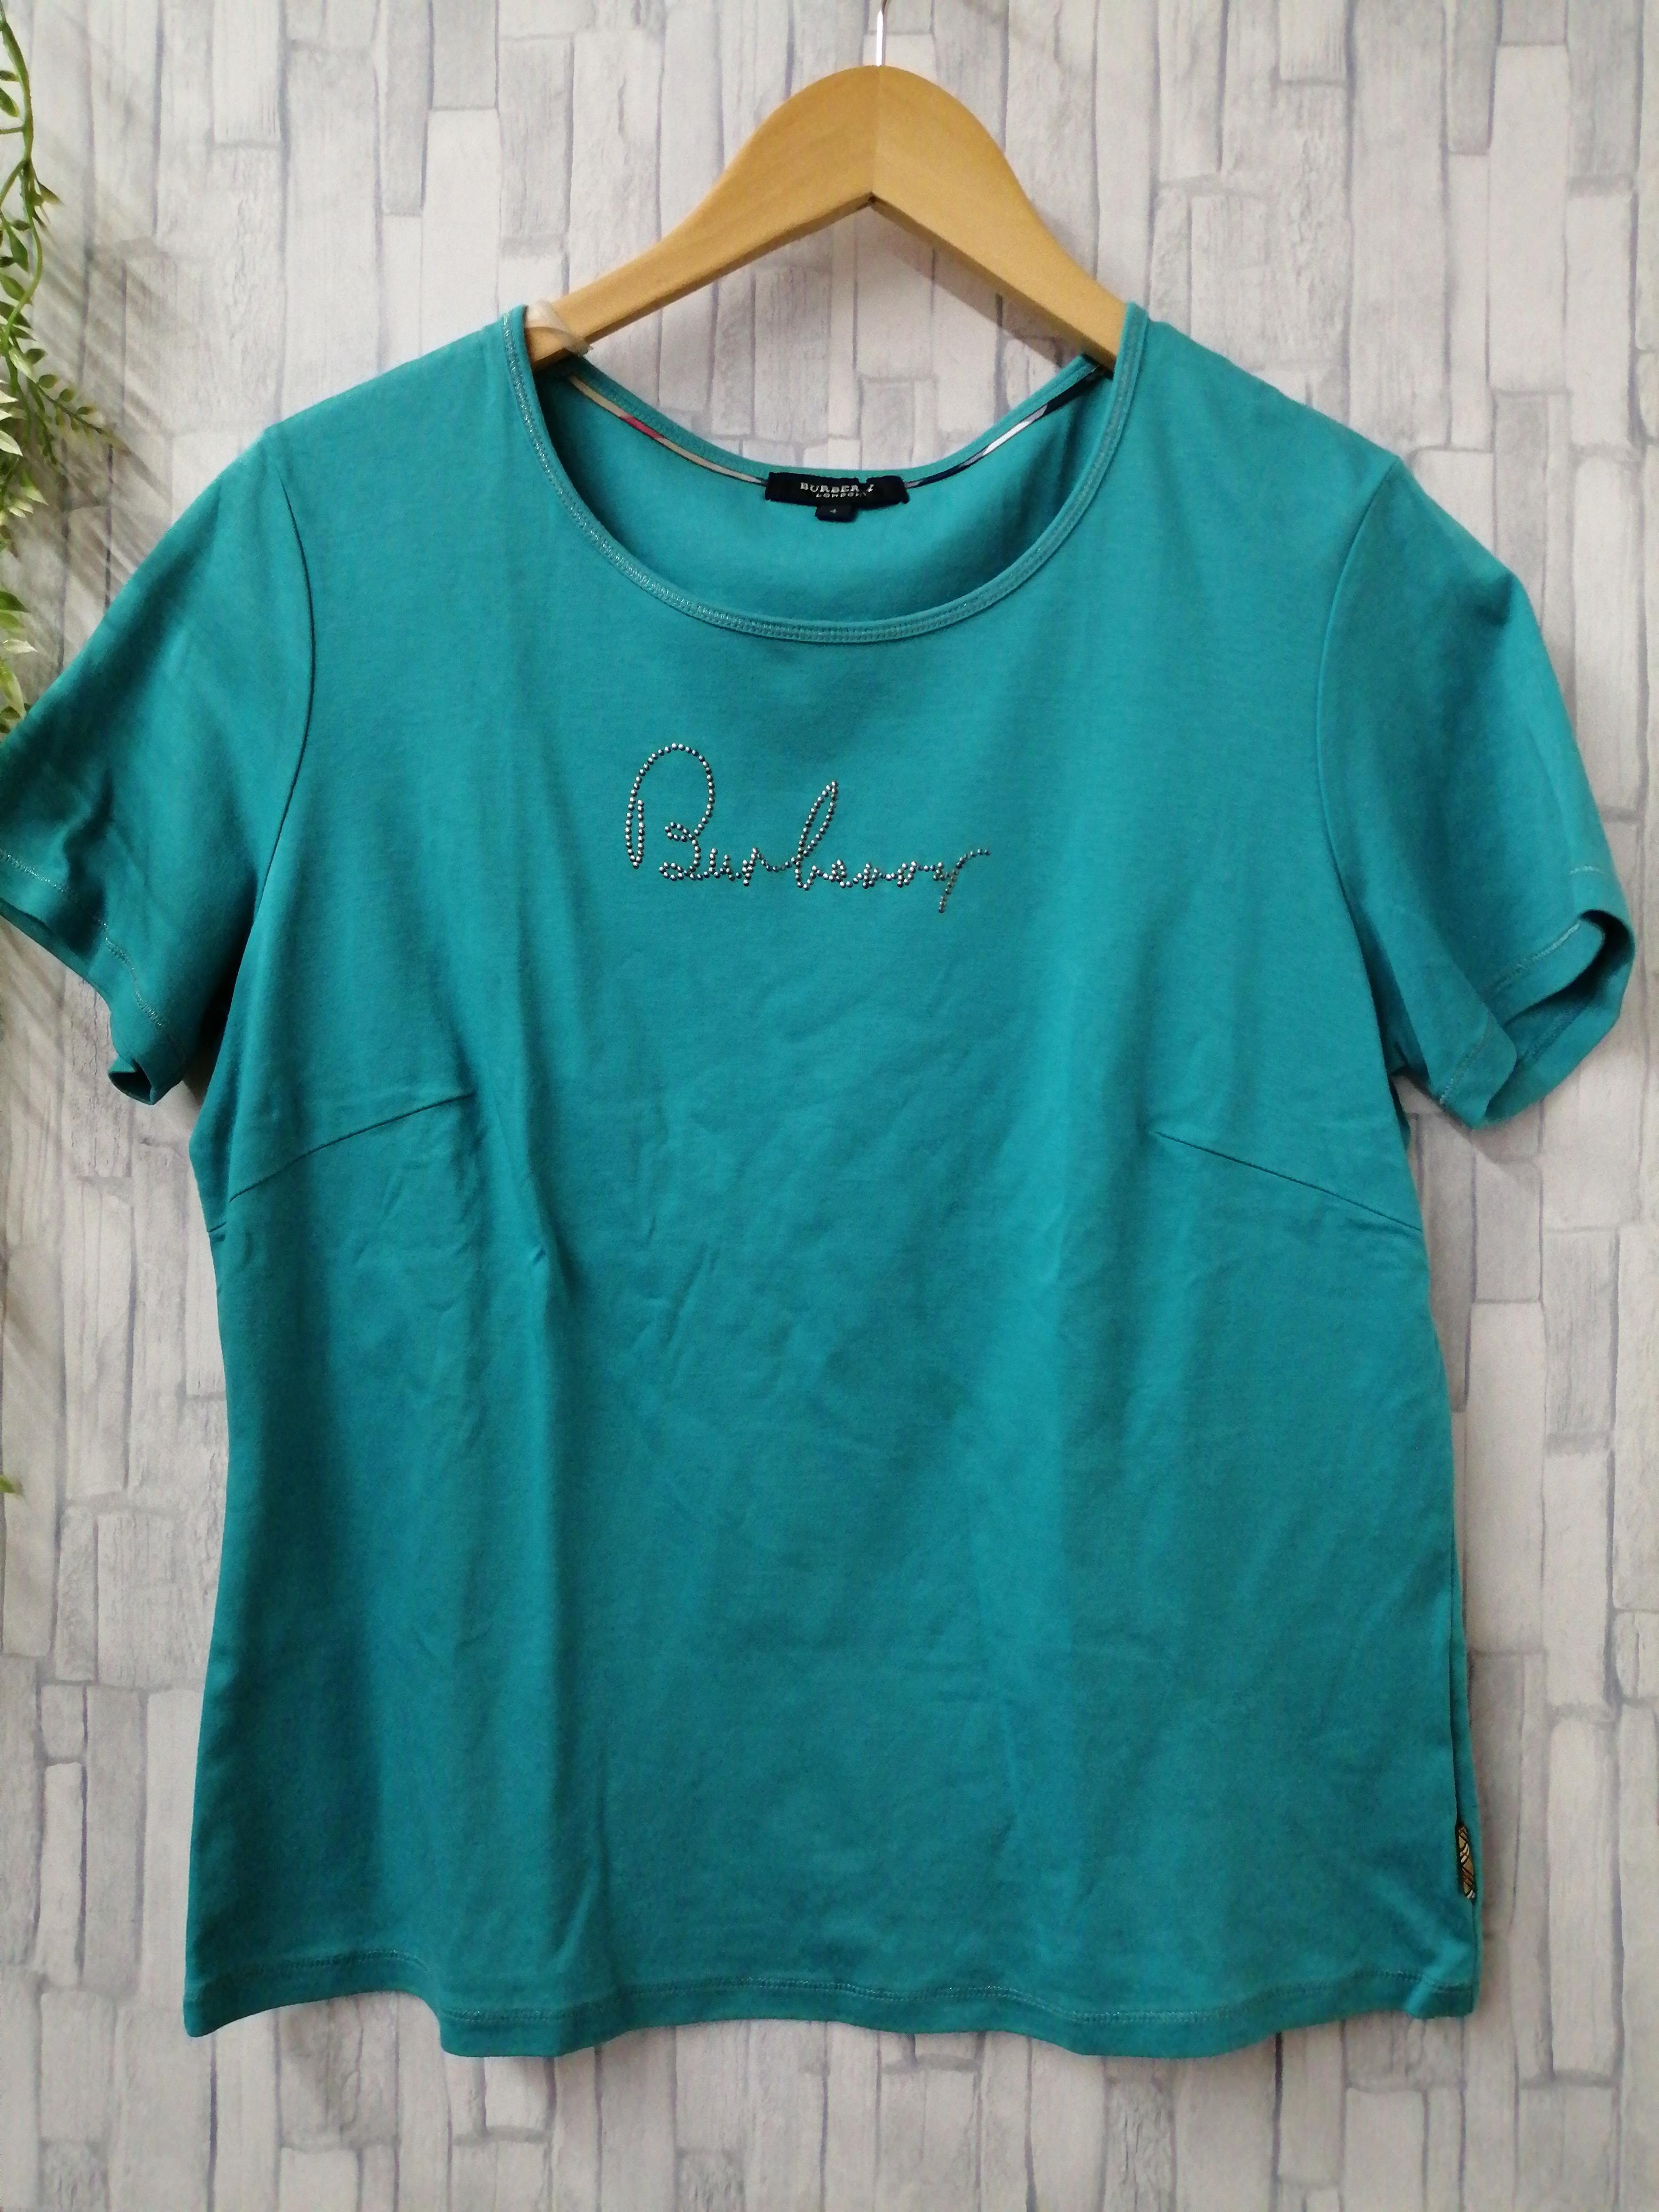 バーバリー Tシャツ|BURBERRY